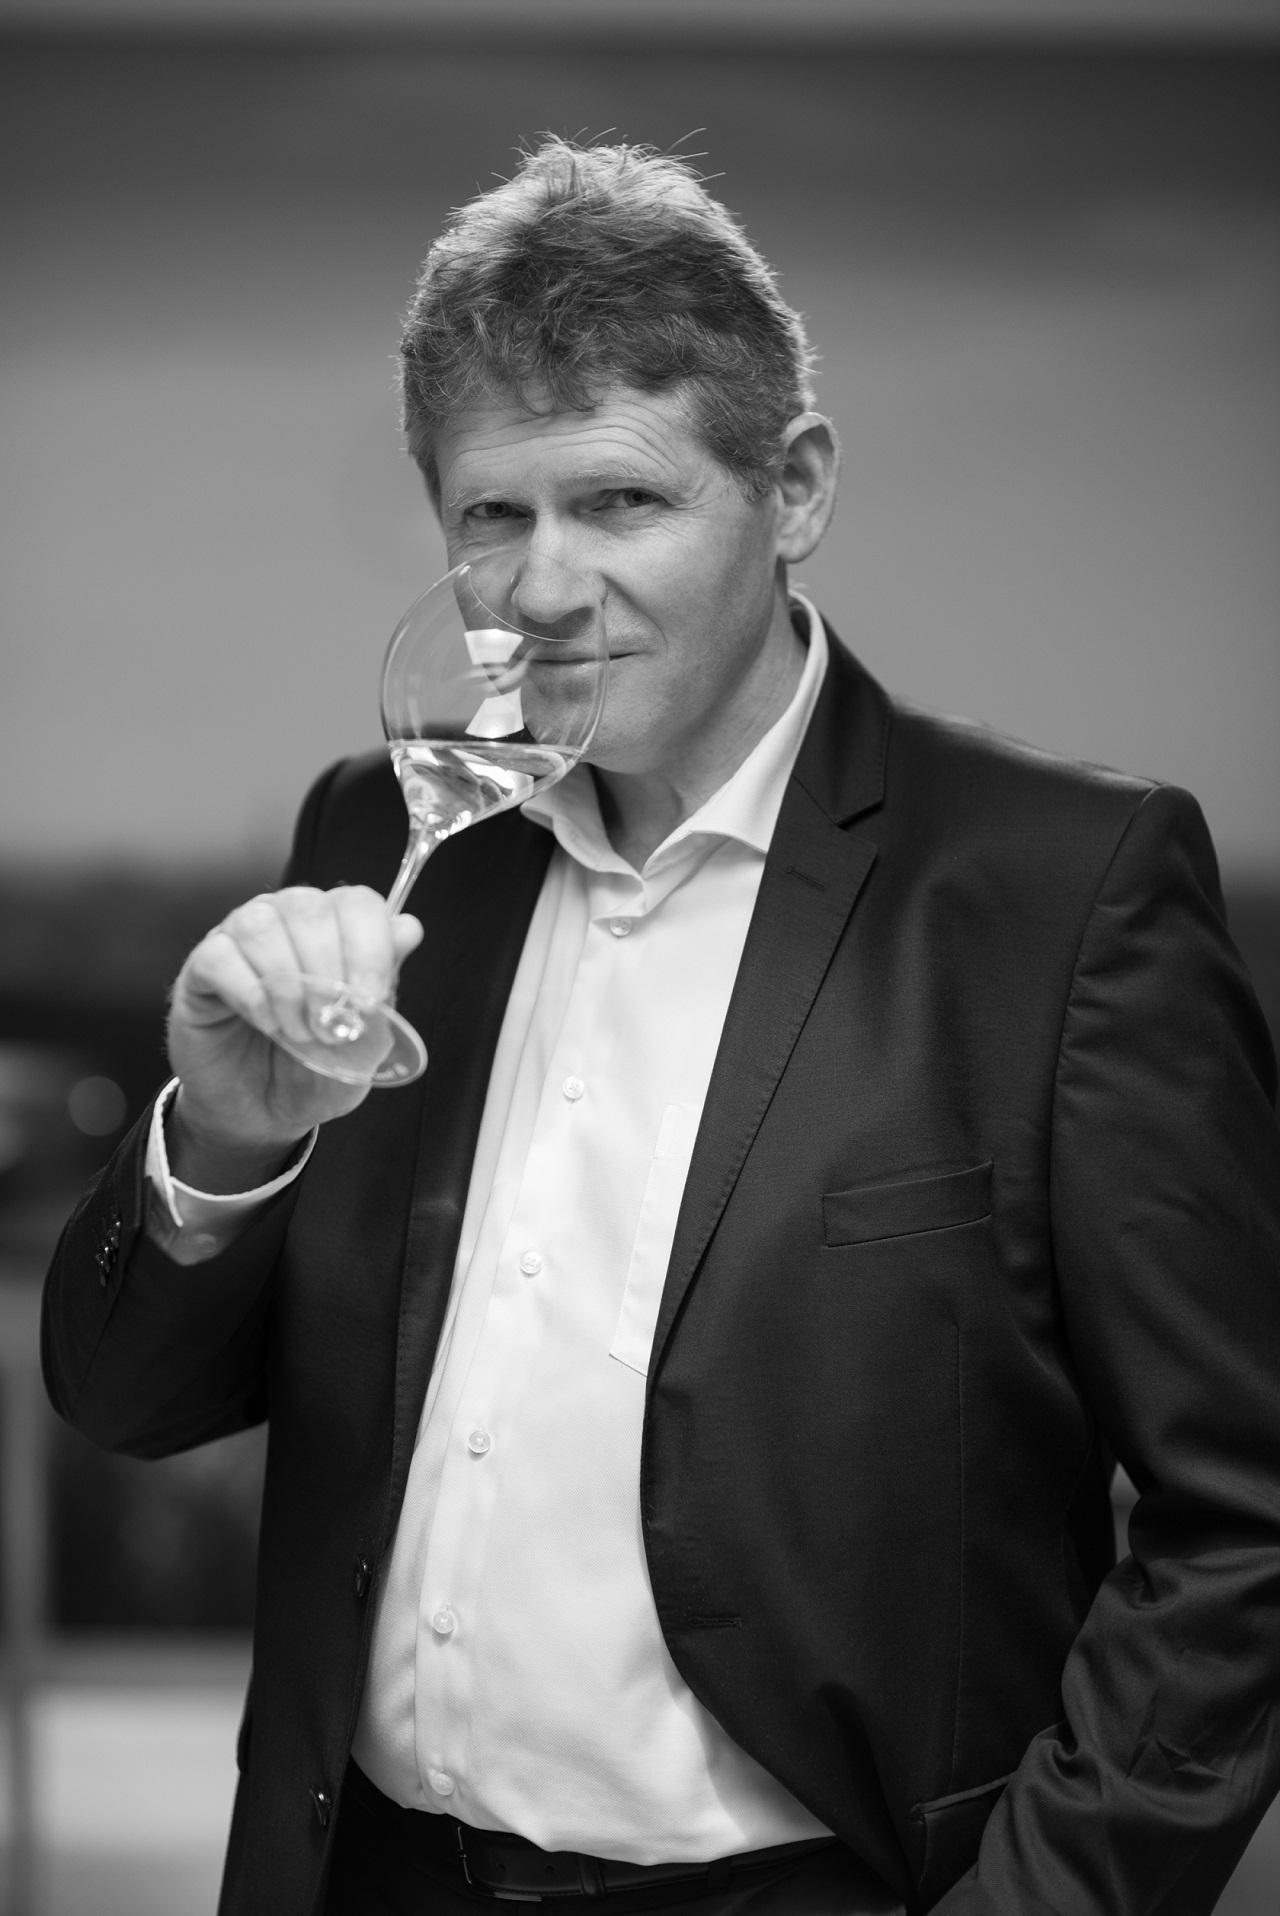 ヴーヴ・クリコの最高級ライン「ラ・グランダム 2008」が登場。その優雅さに酔いしれたい!【飲むんだったら、イケてるワイン/特別編】_1_2